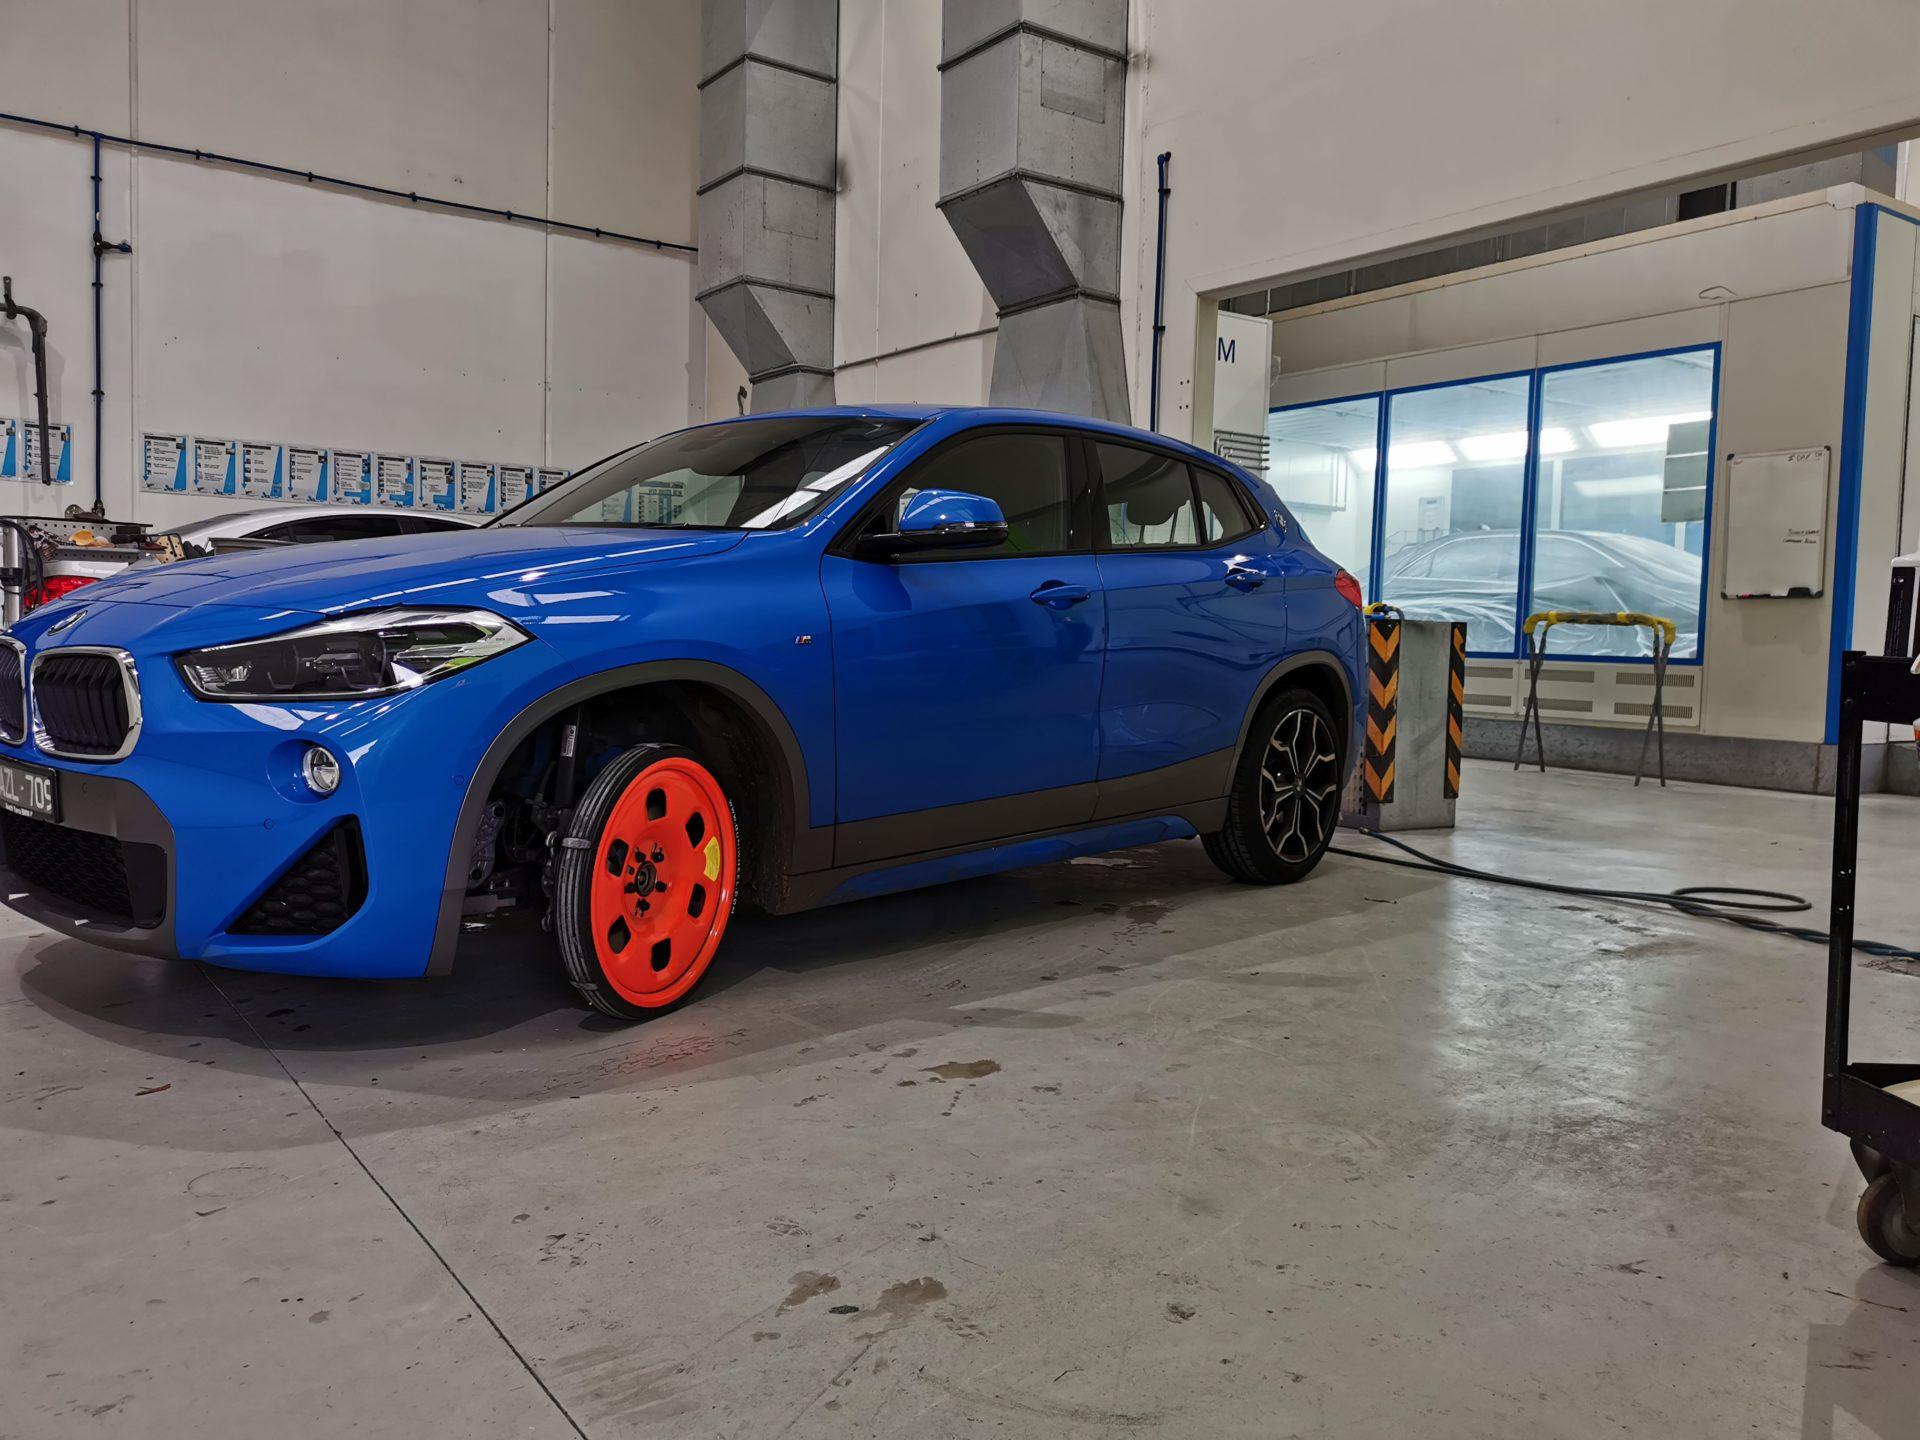 blue sports car using Guniwheel